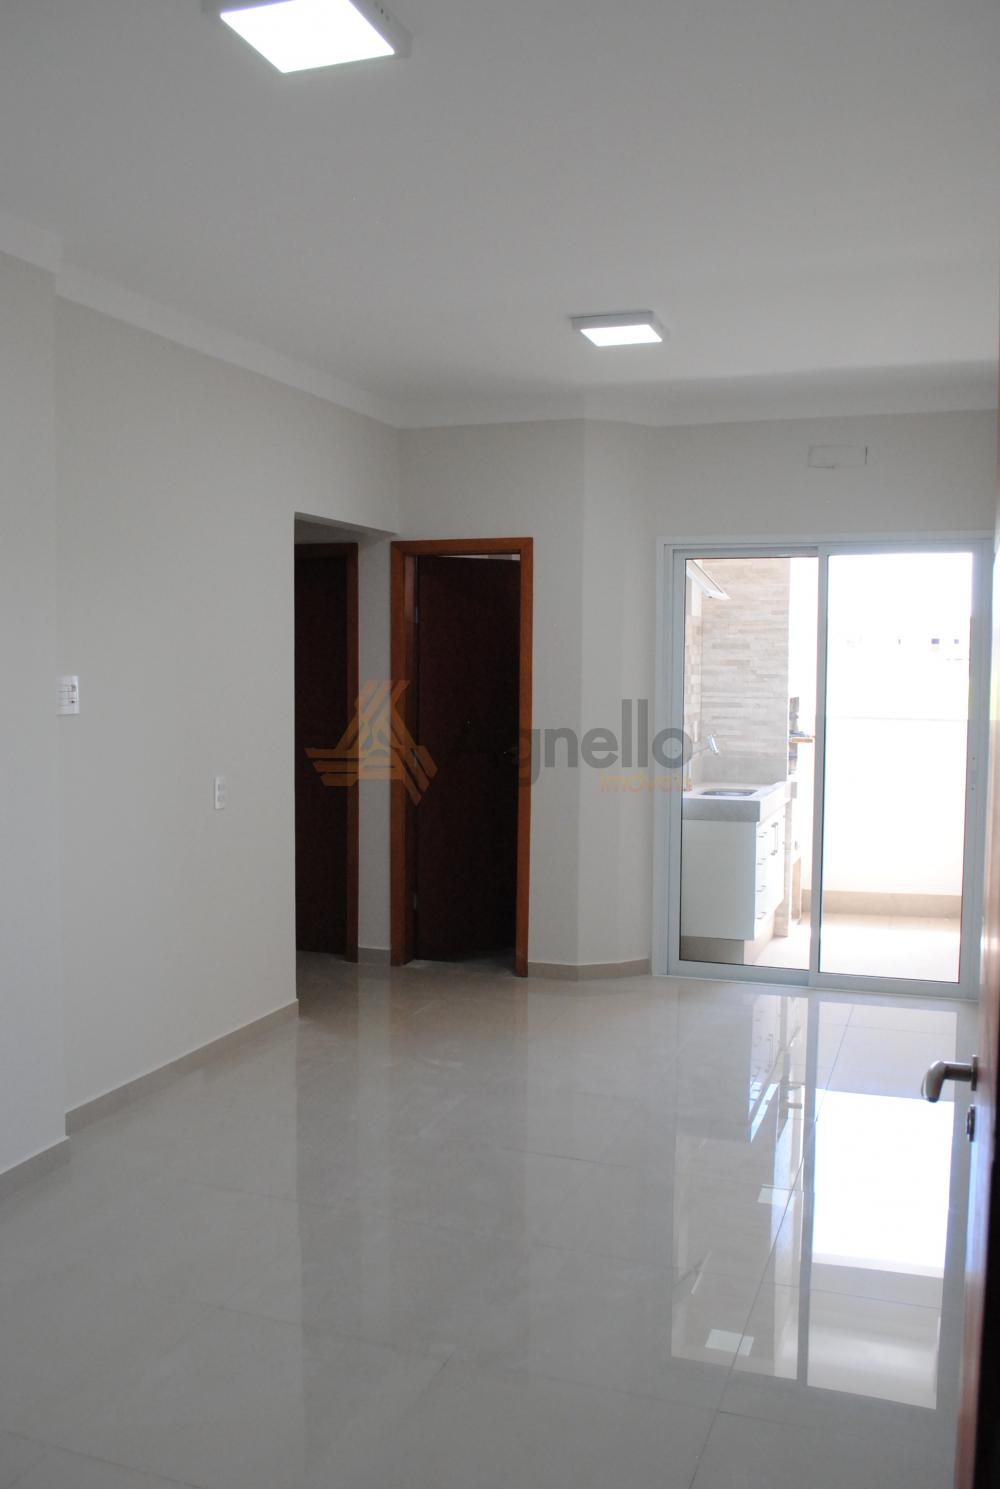 Alugar Apartamento / Padrão em Franca apenas R$ 1.200,00 - Foto 2